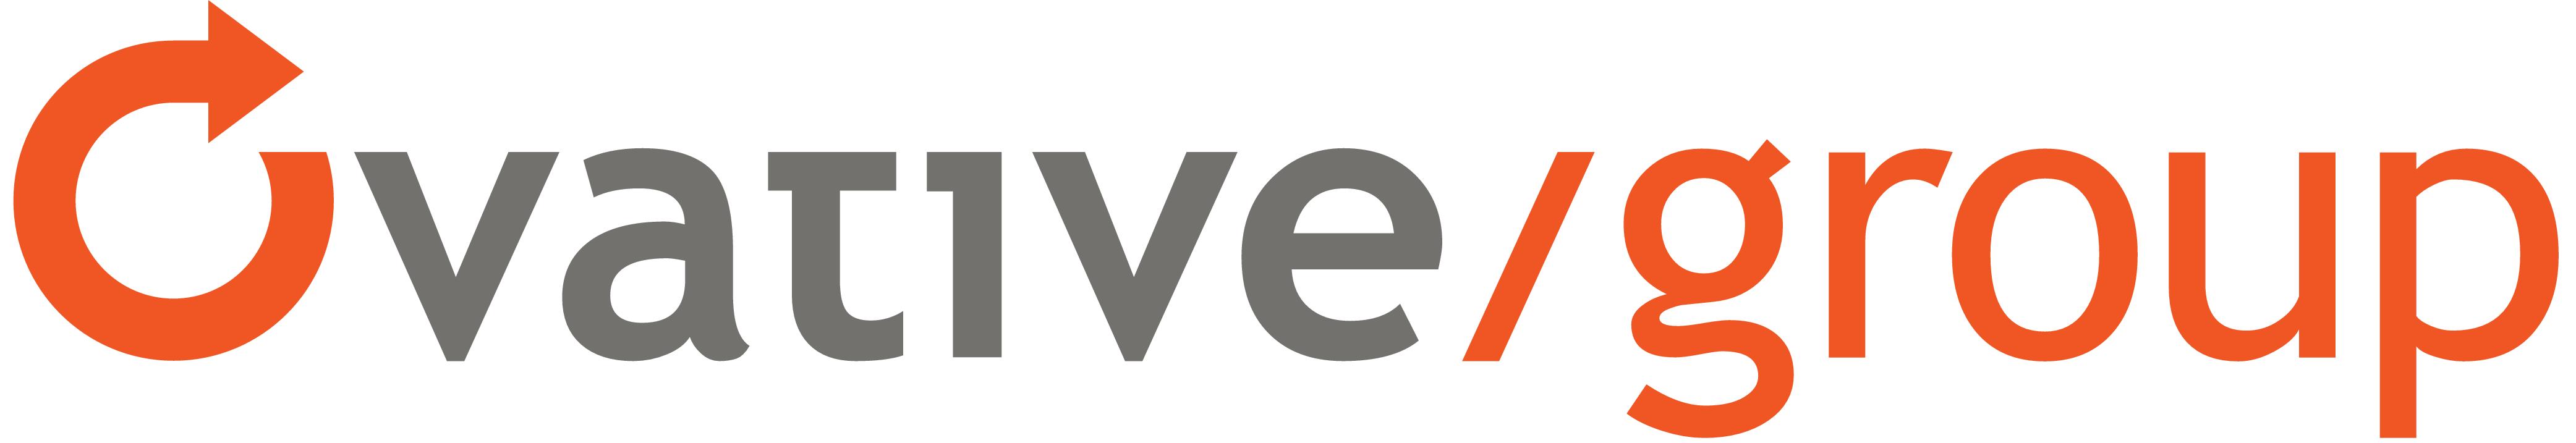 Ovative